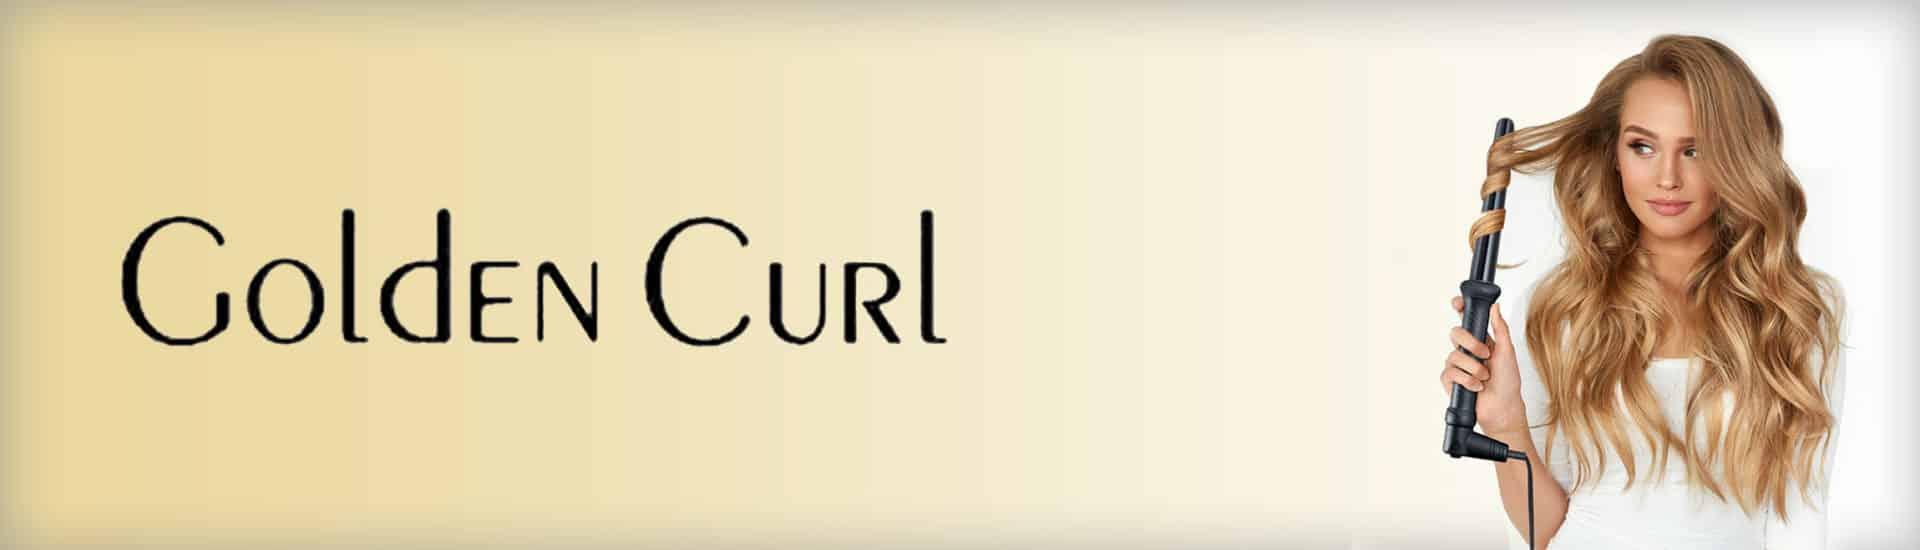 Golden Curl